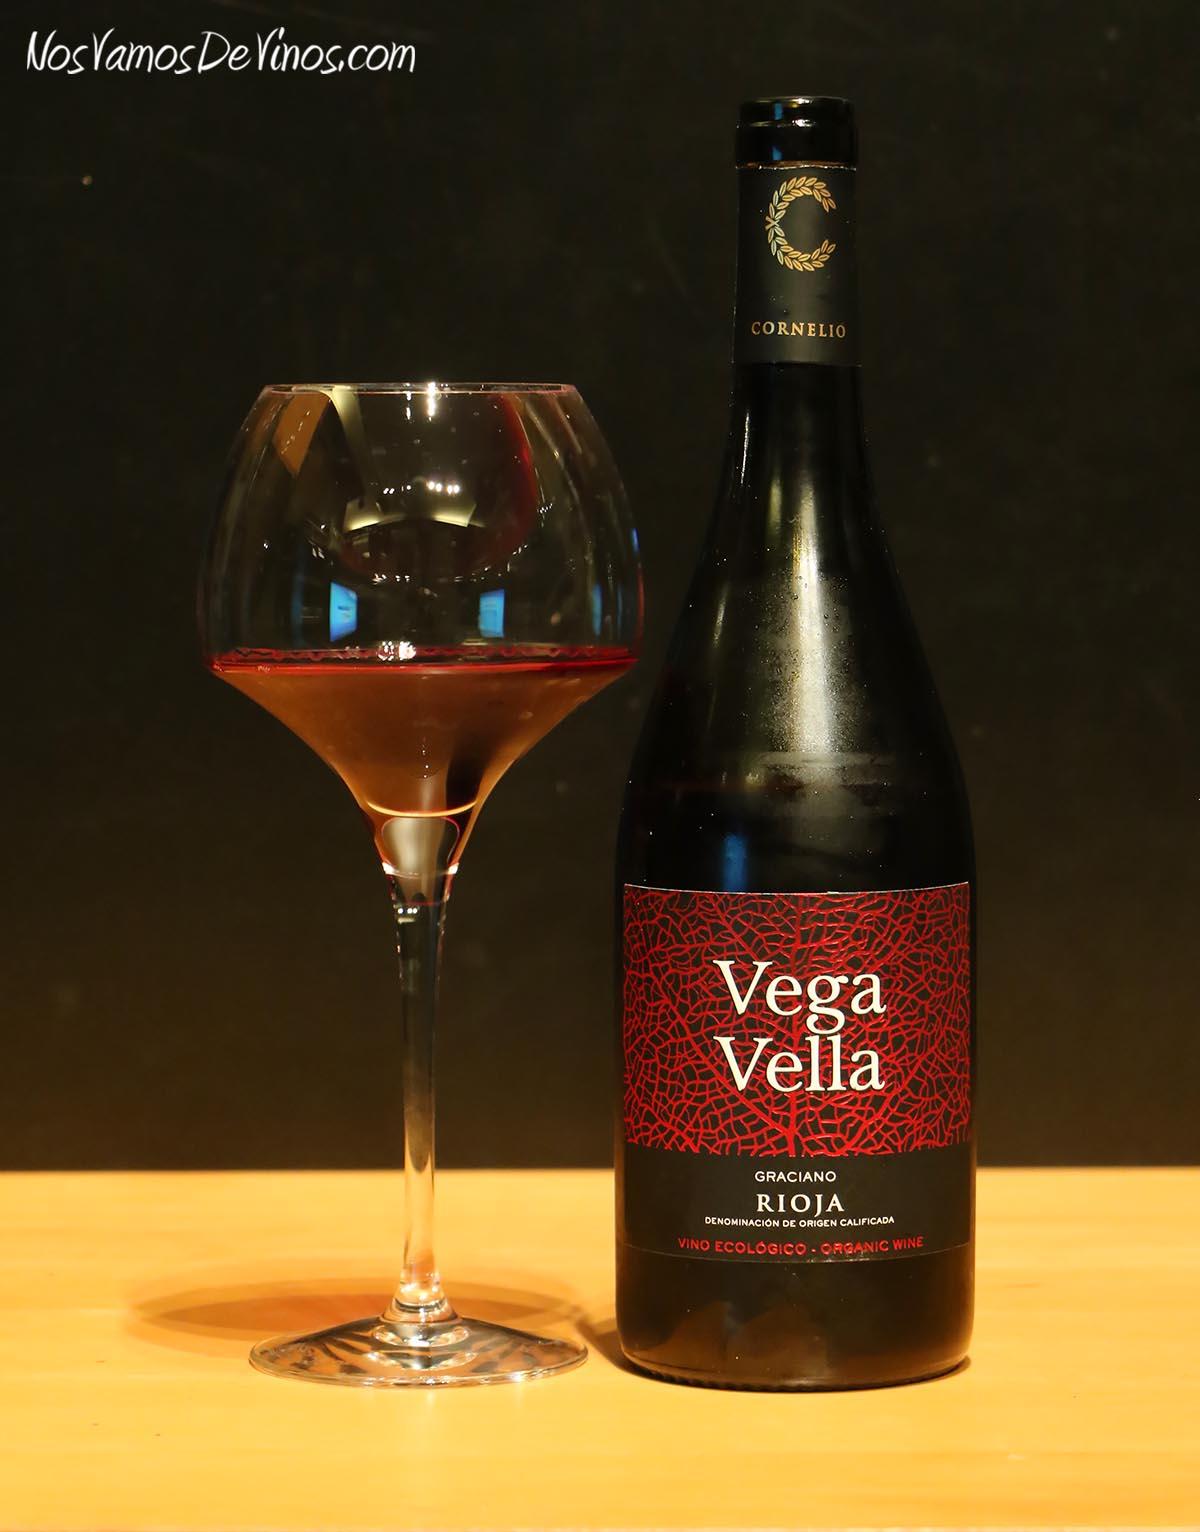 Vega Vella Graciano 2017